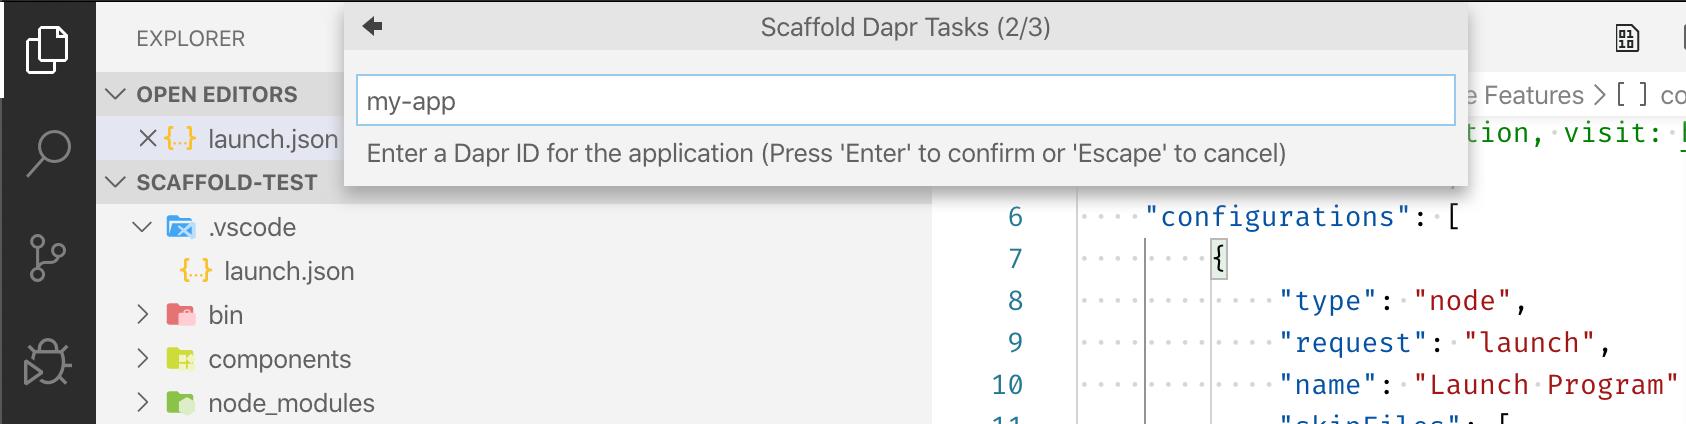 Scaffold Dapr Tasks